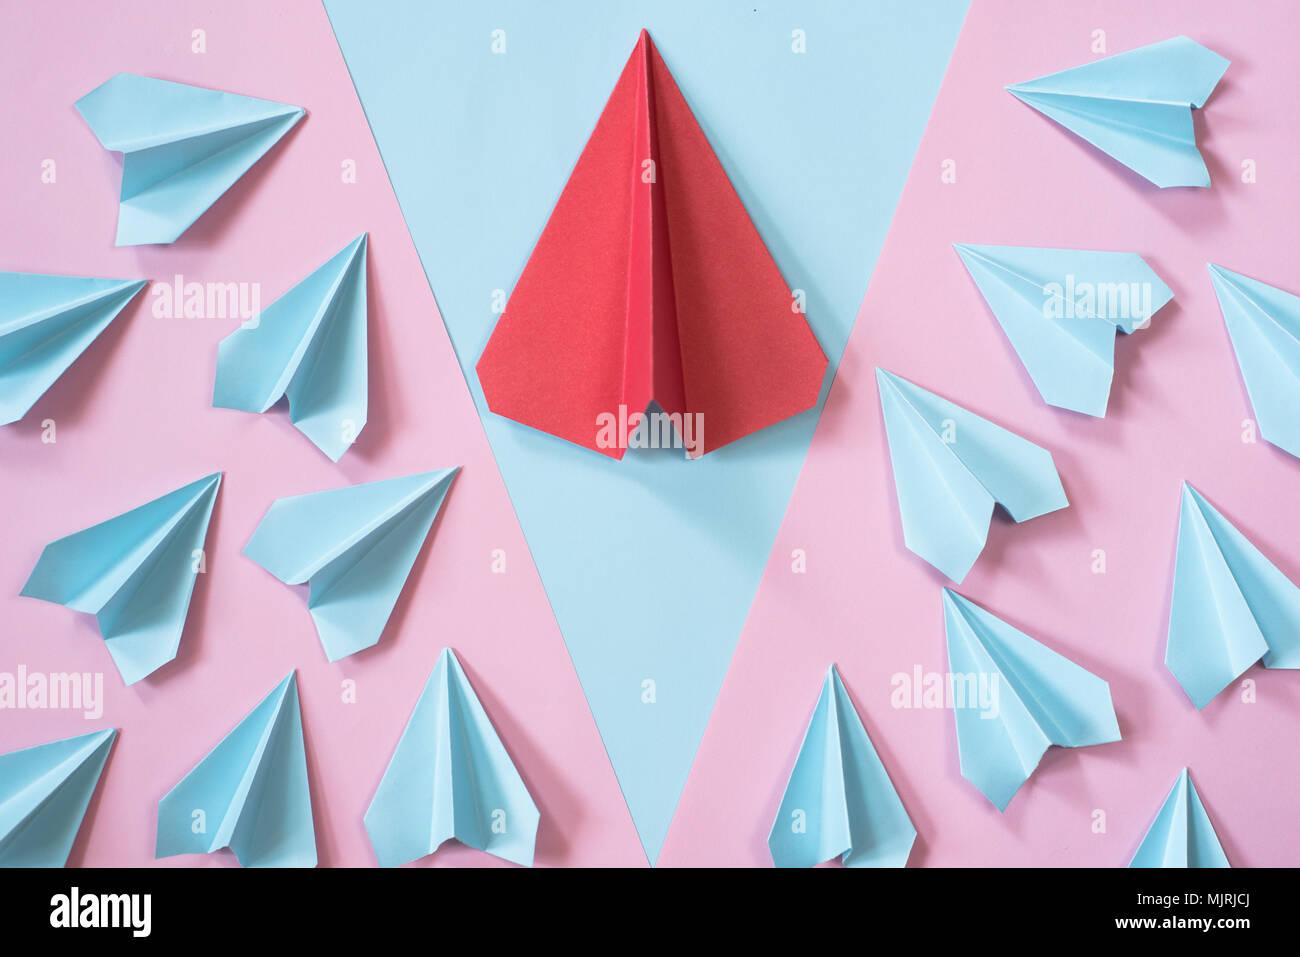 Blaues Papier Flugzeuge in der Umgebung des Großen Roten Papier Flugzeug auf Pastell rosa und blaue Farbe Hintergrund. Führung Konzept Stockbild